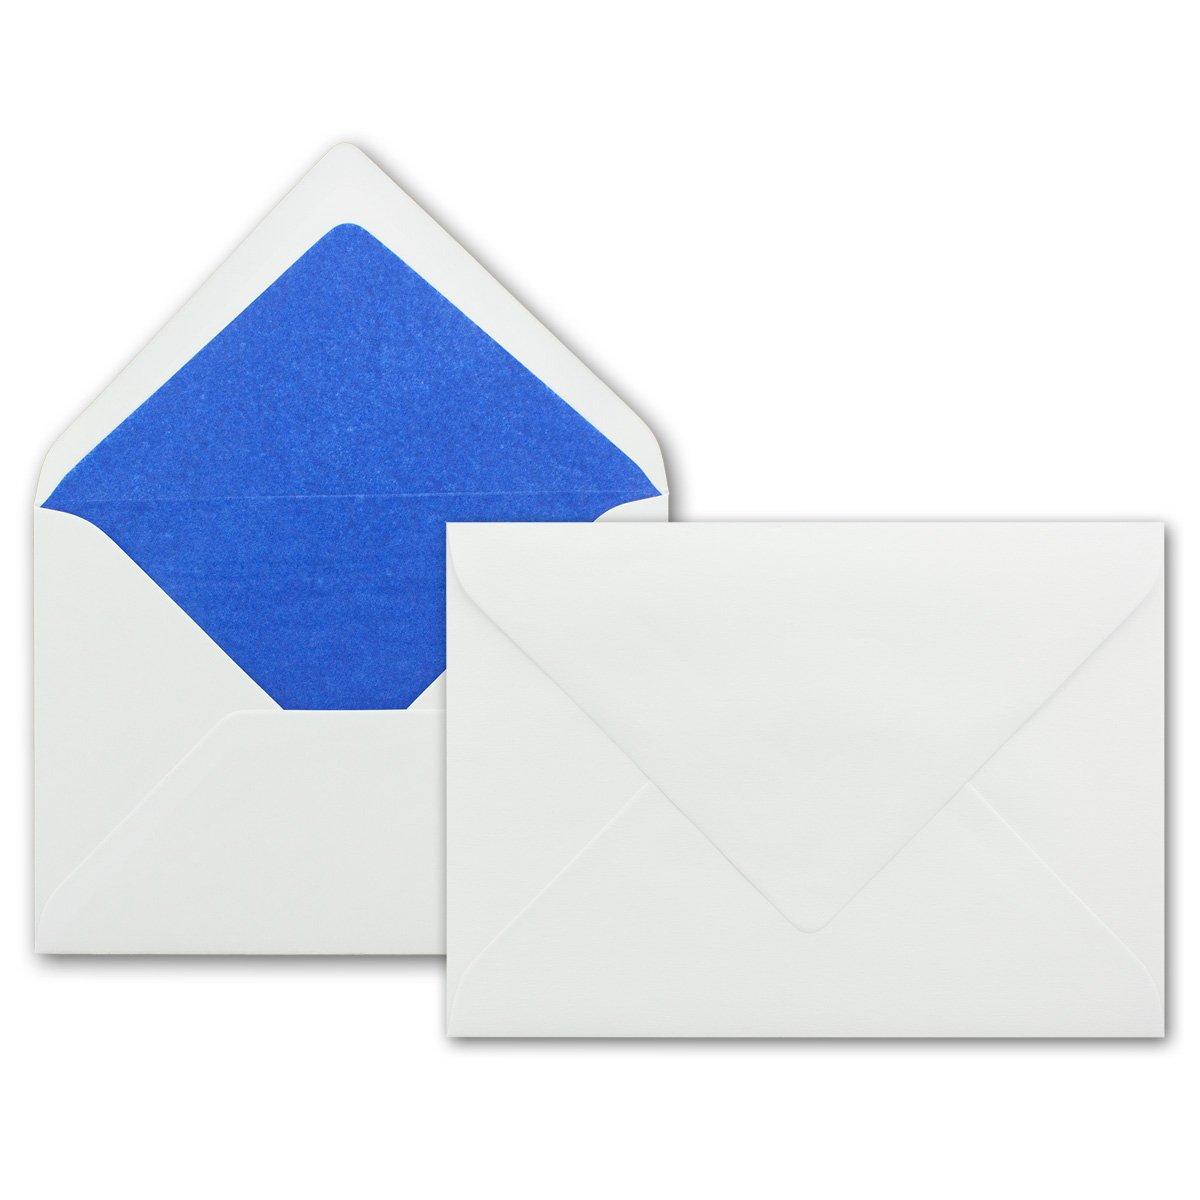 Nassklebung ohne Fenster 100 Weisse Briefumschl/äge mit rosa Seidenfutter Ideal f/ür Hochzeits-Einladungen Gru/ßkarten Weihnachtskarten DIN B6 12,5 x 17,6 cm